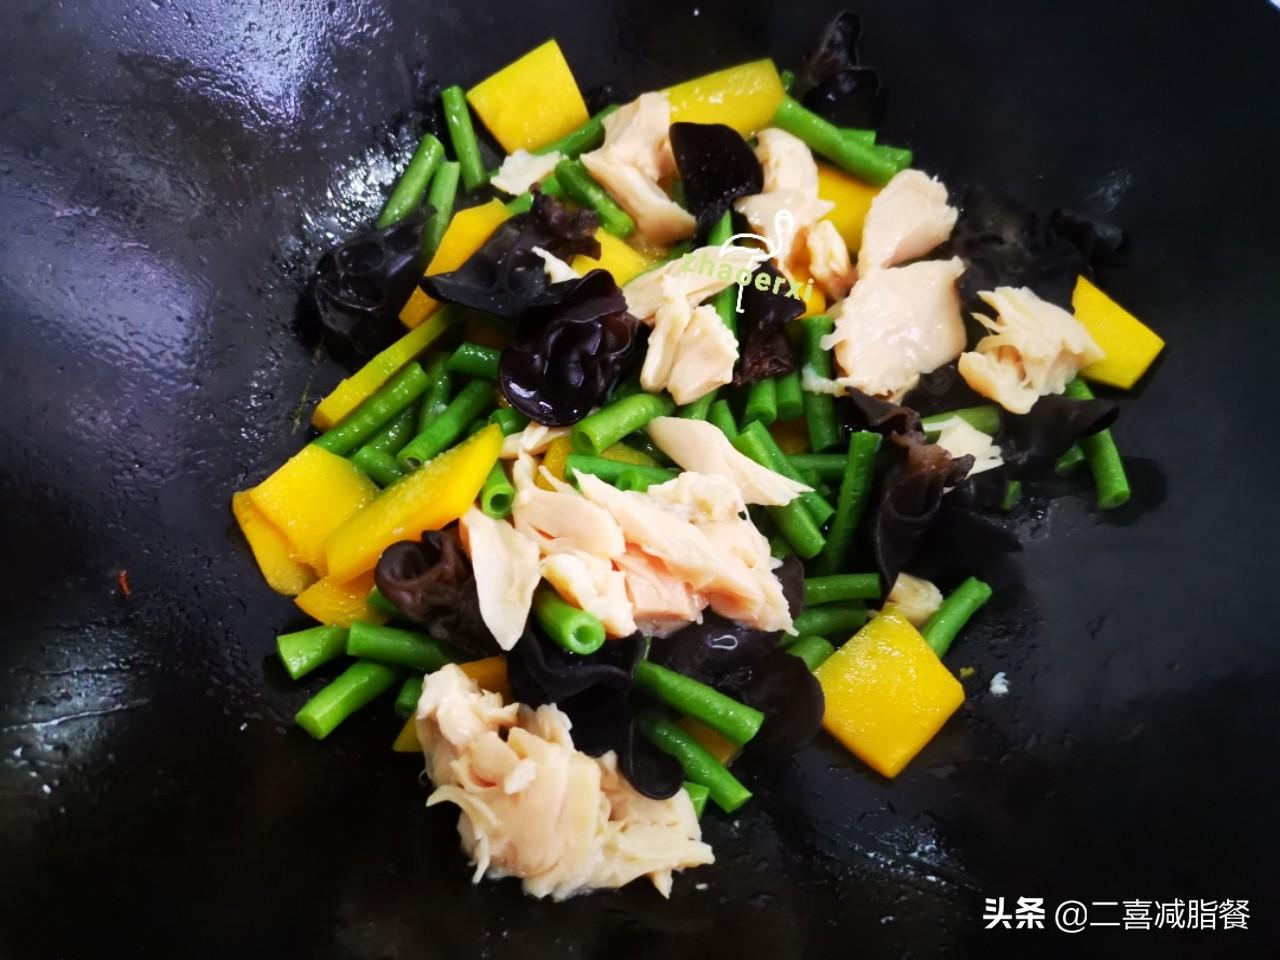 今天分享男生的减脂餐 减肥菜谱做法 第9张